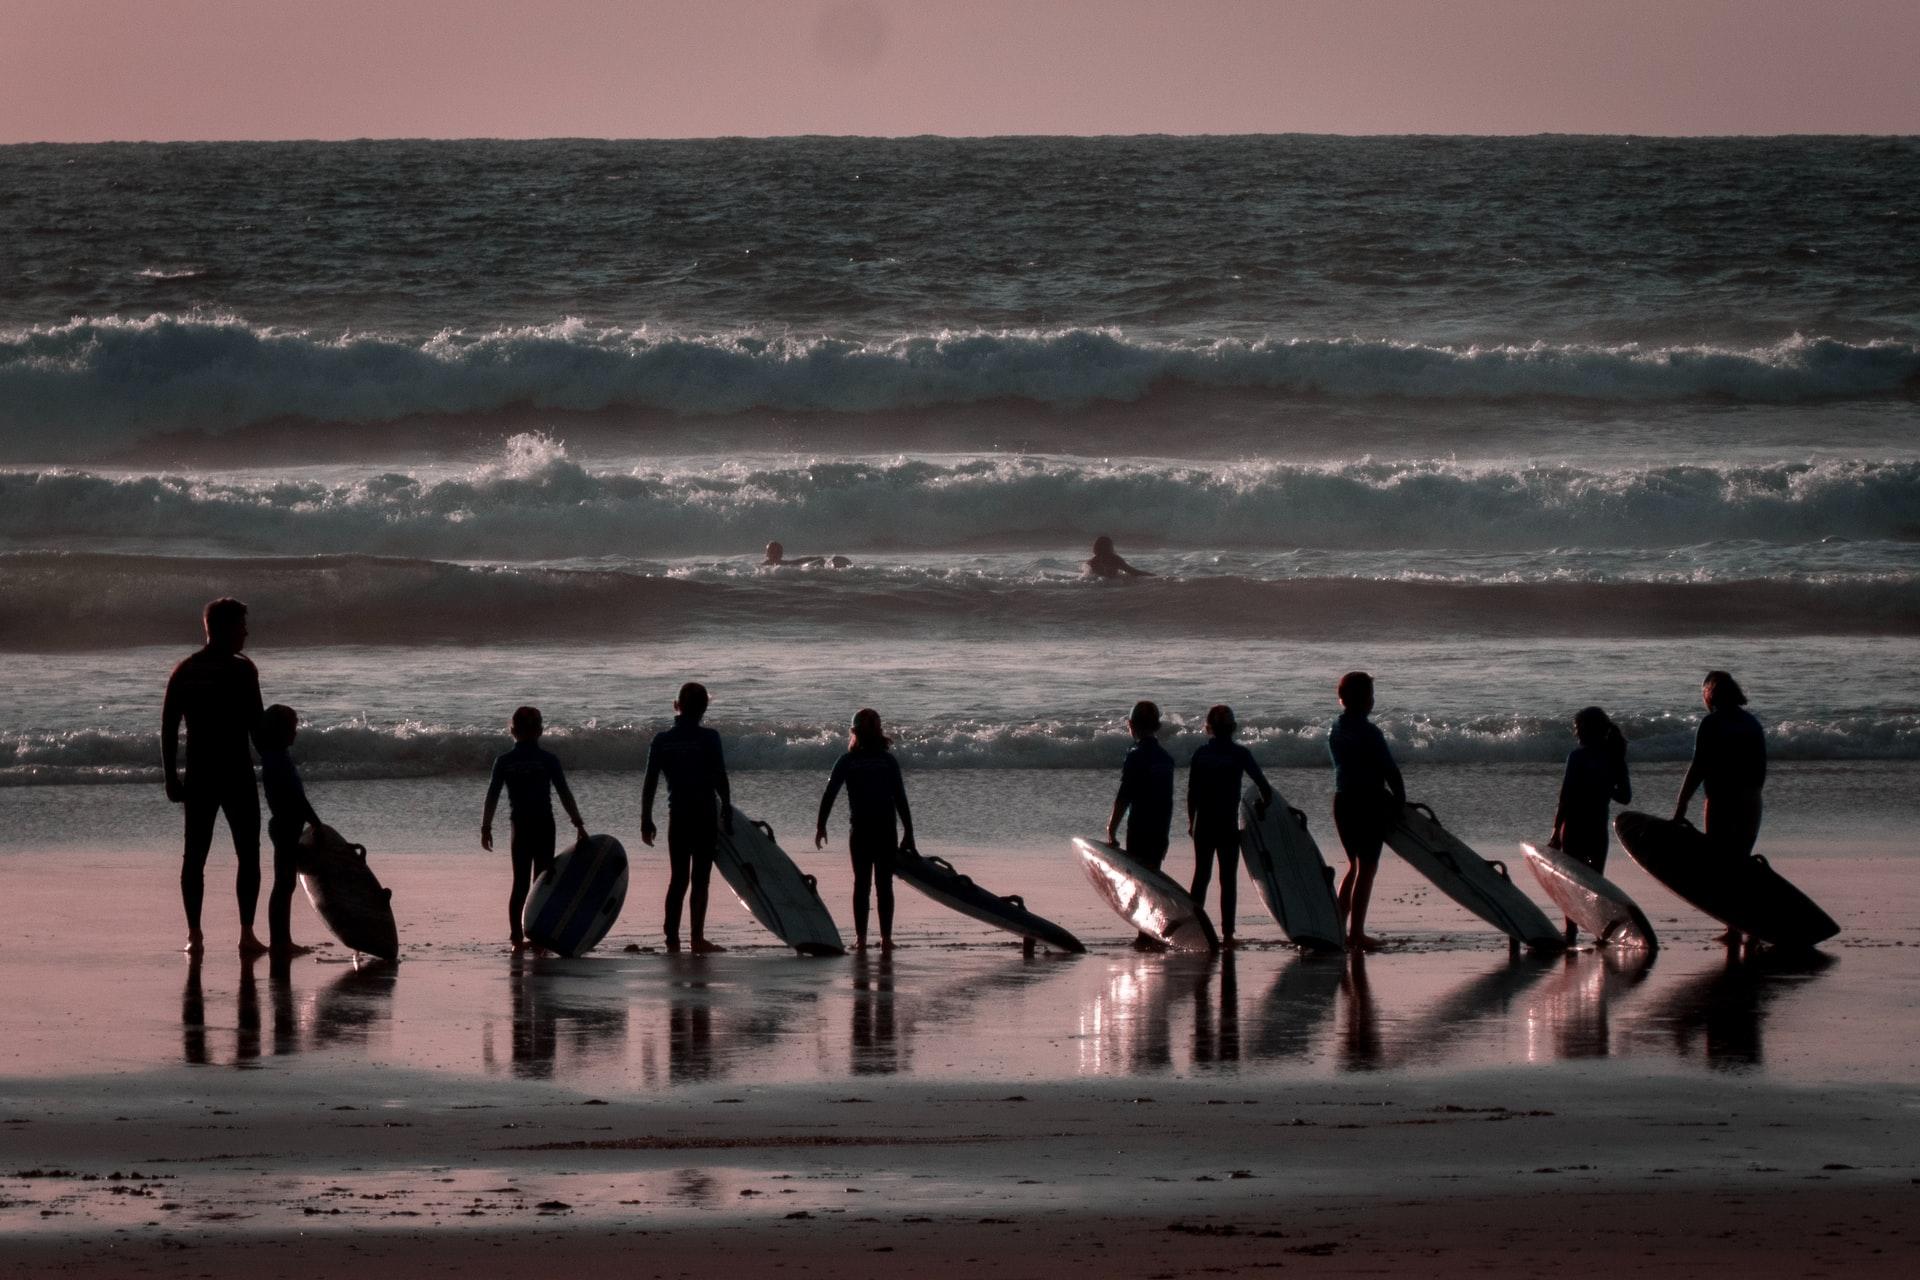 【関東】サーフィンスクールを選ぶポイント!サーフィン上達への近道はスクール選びから